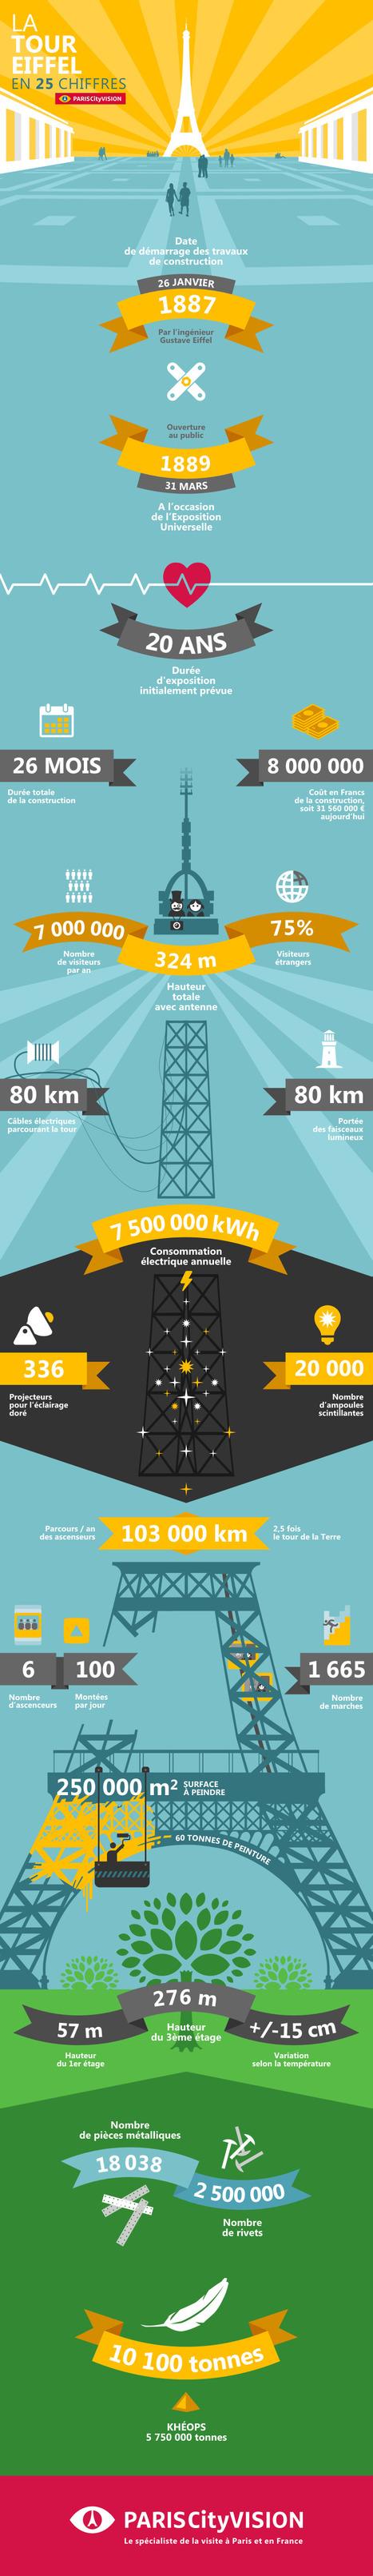 Infographie Tour Eiffel : la Tour Eiffel en 25 chiffres | Céka décore | Scoop.it